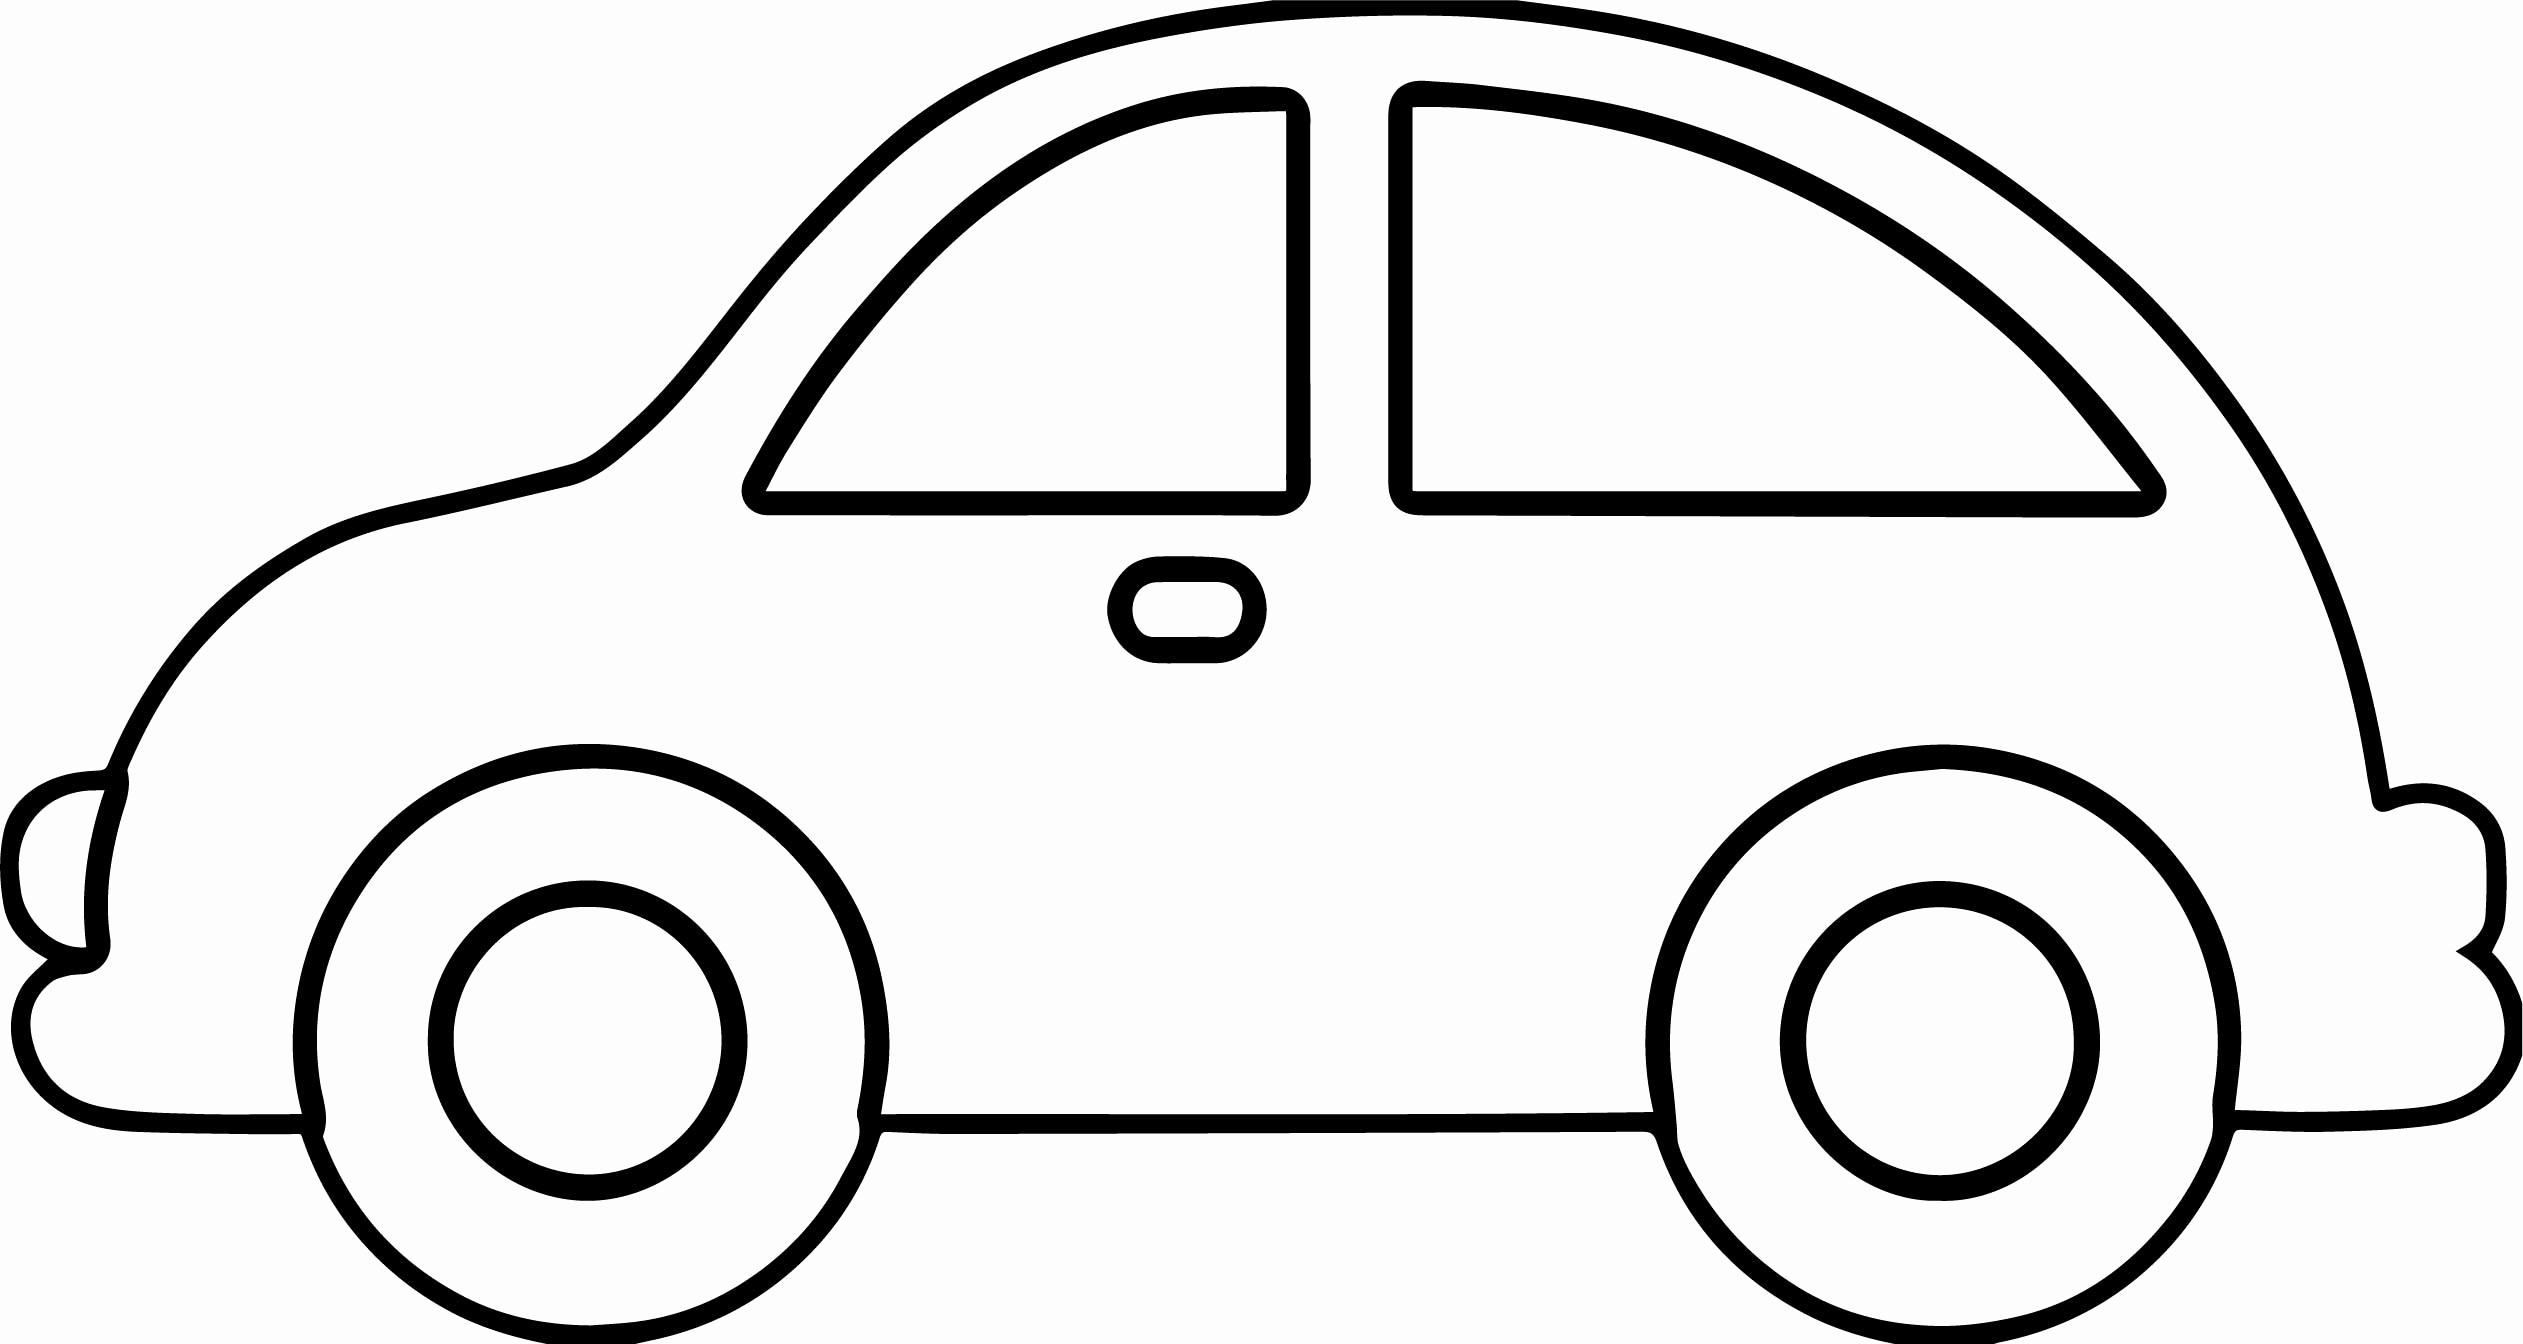 Car Drawing Simple At Getdrawings